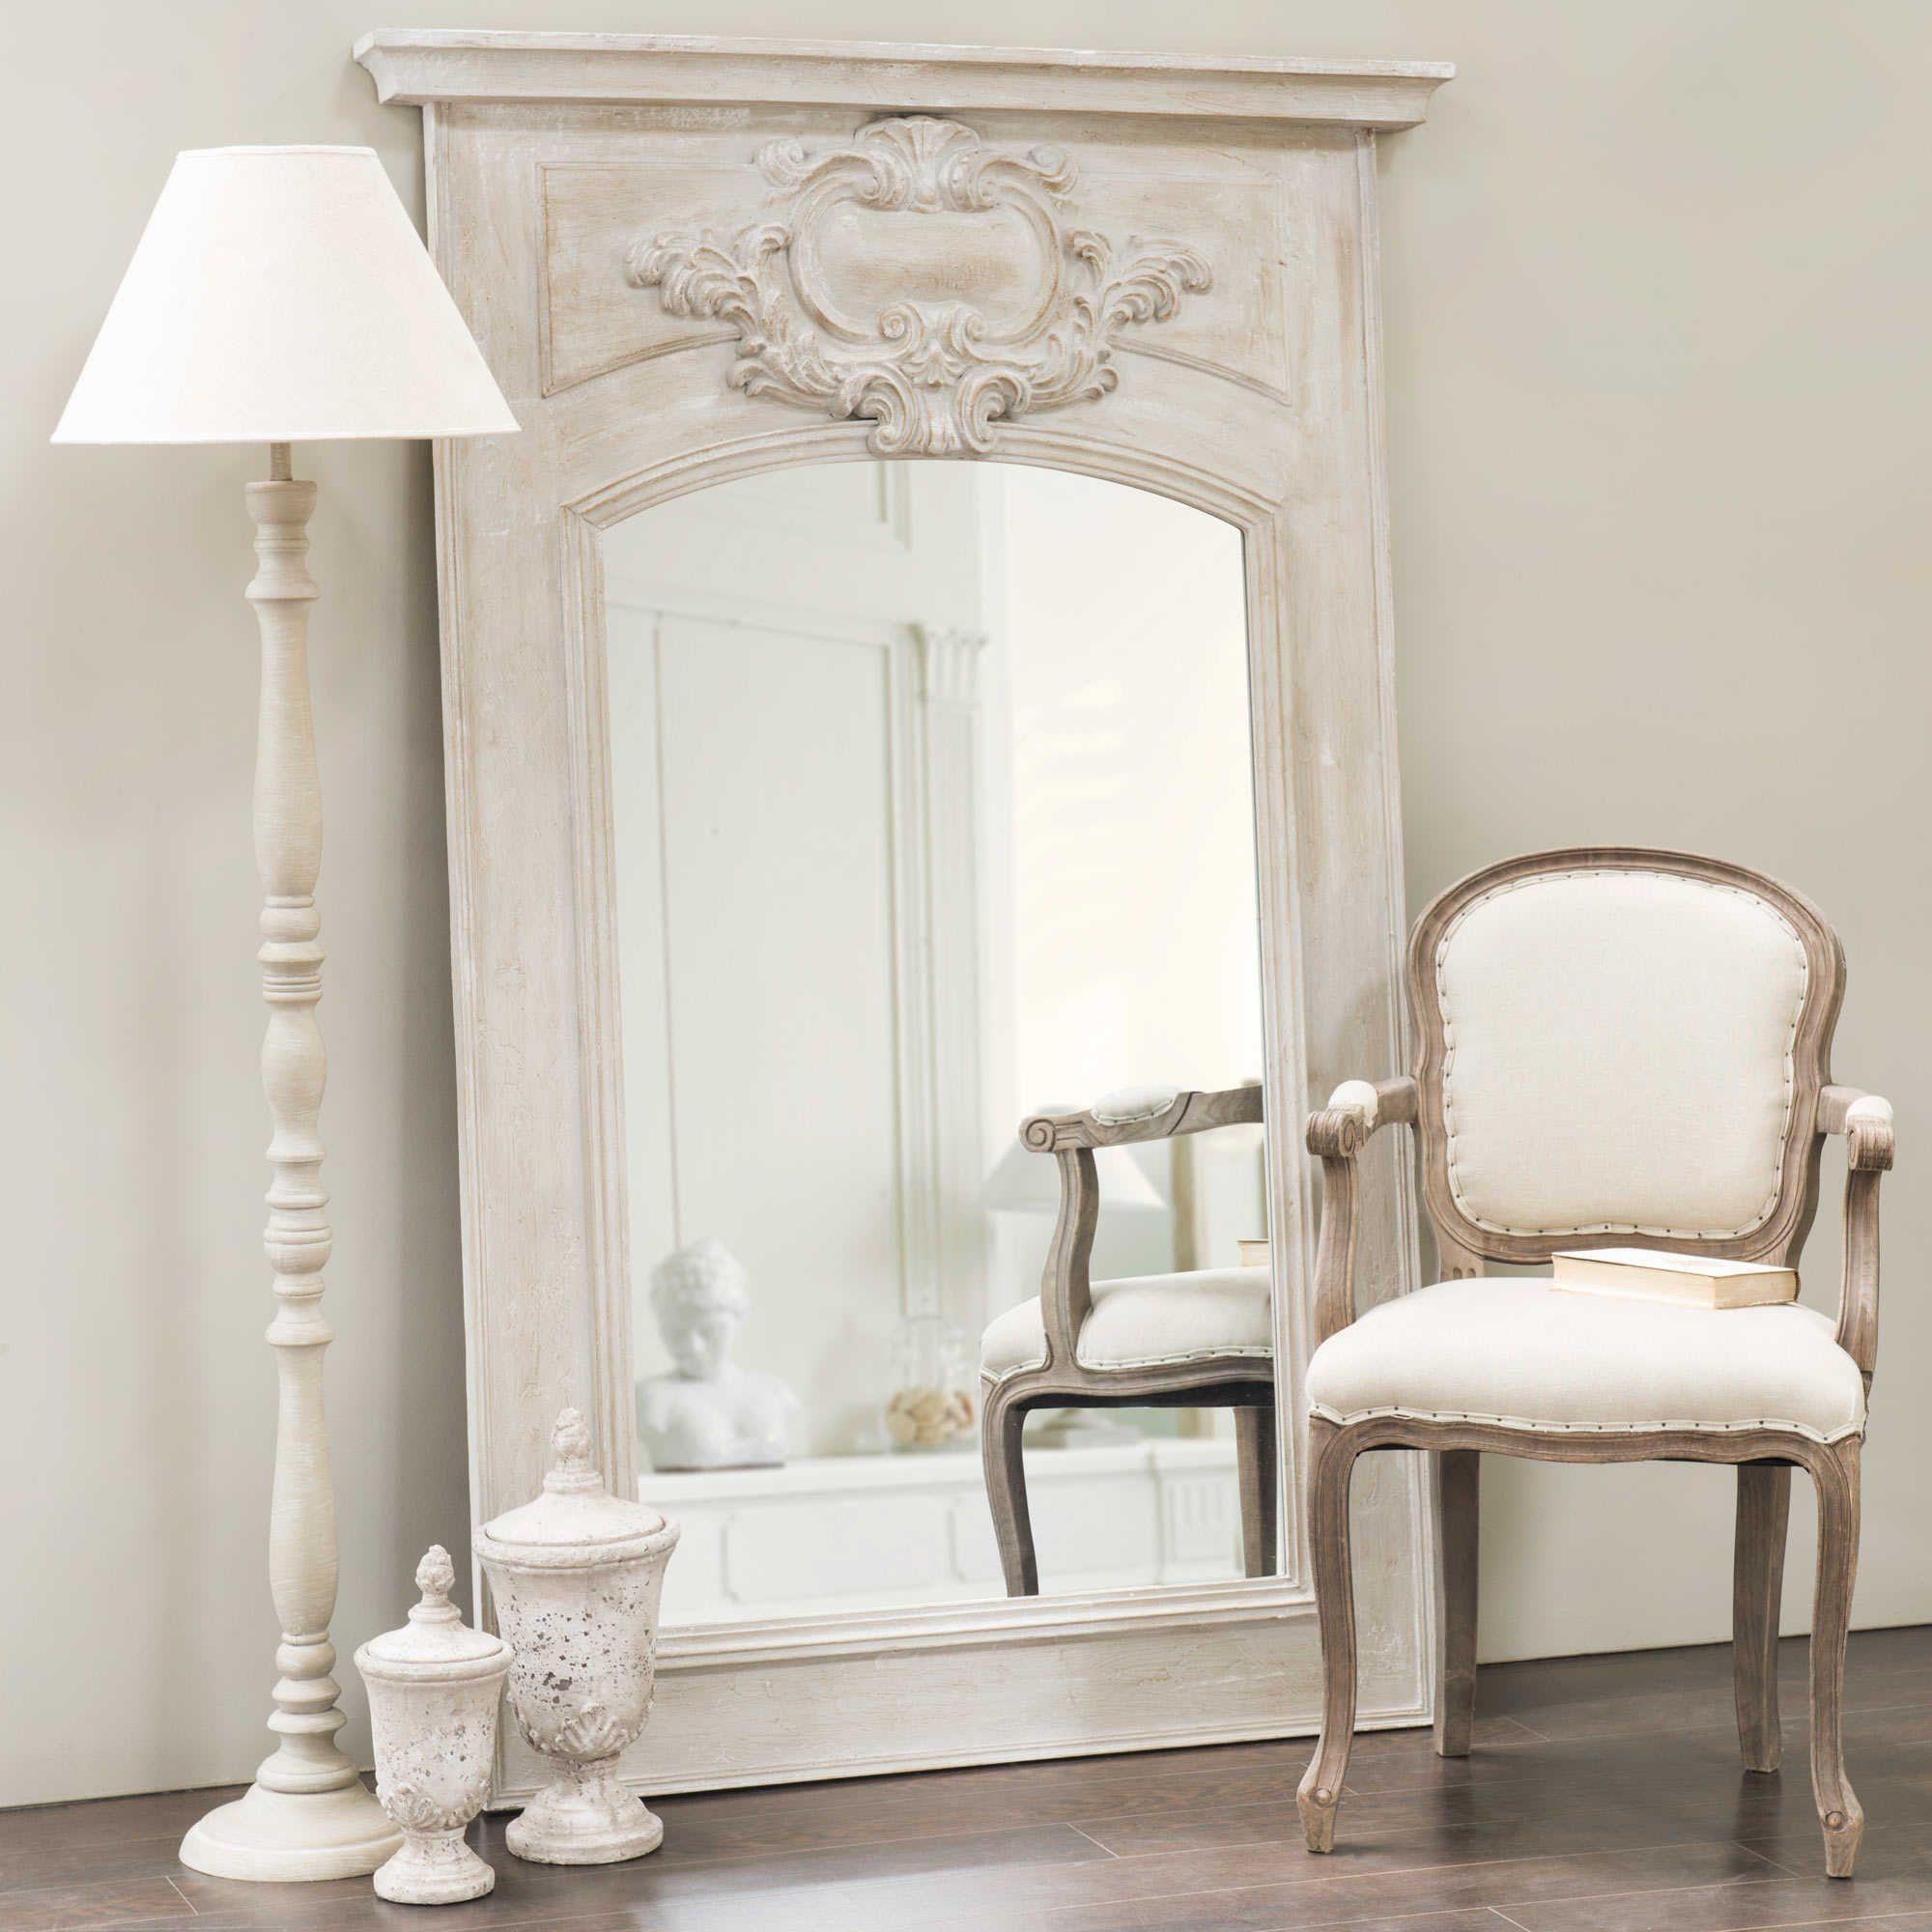 Miroir trumeau en bois gris h 180 cm d co pinterest miroir trumeau trumeau et bois gris for Miroir bois gris